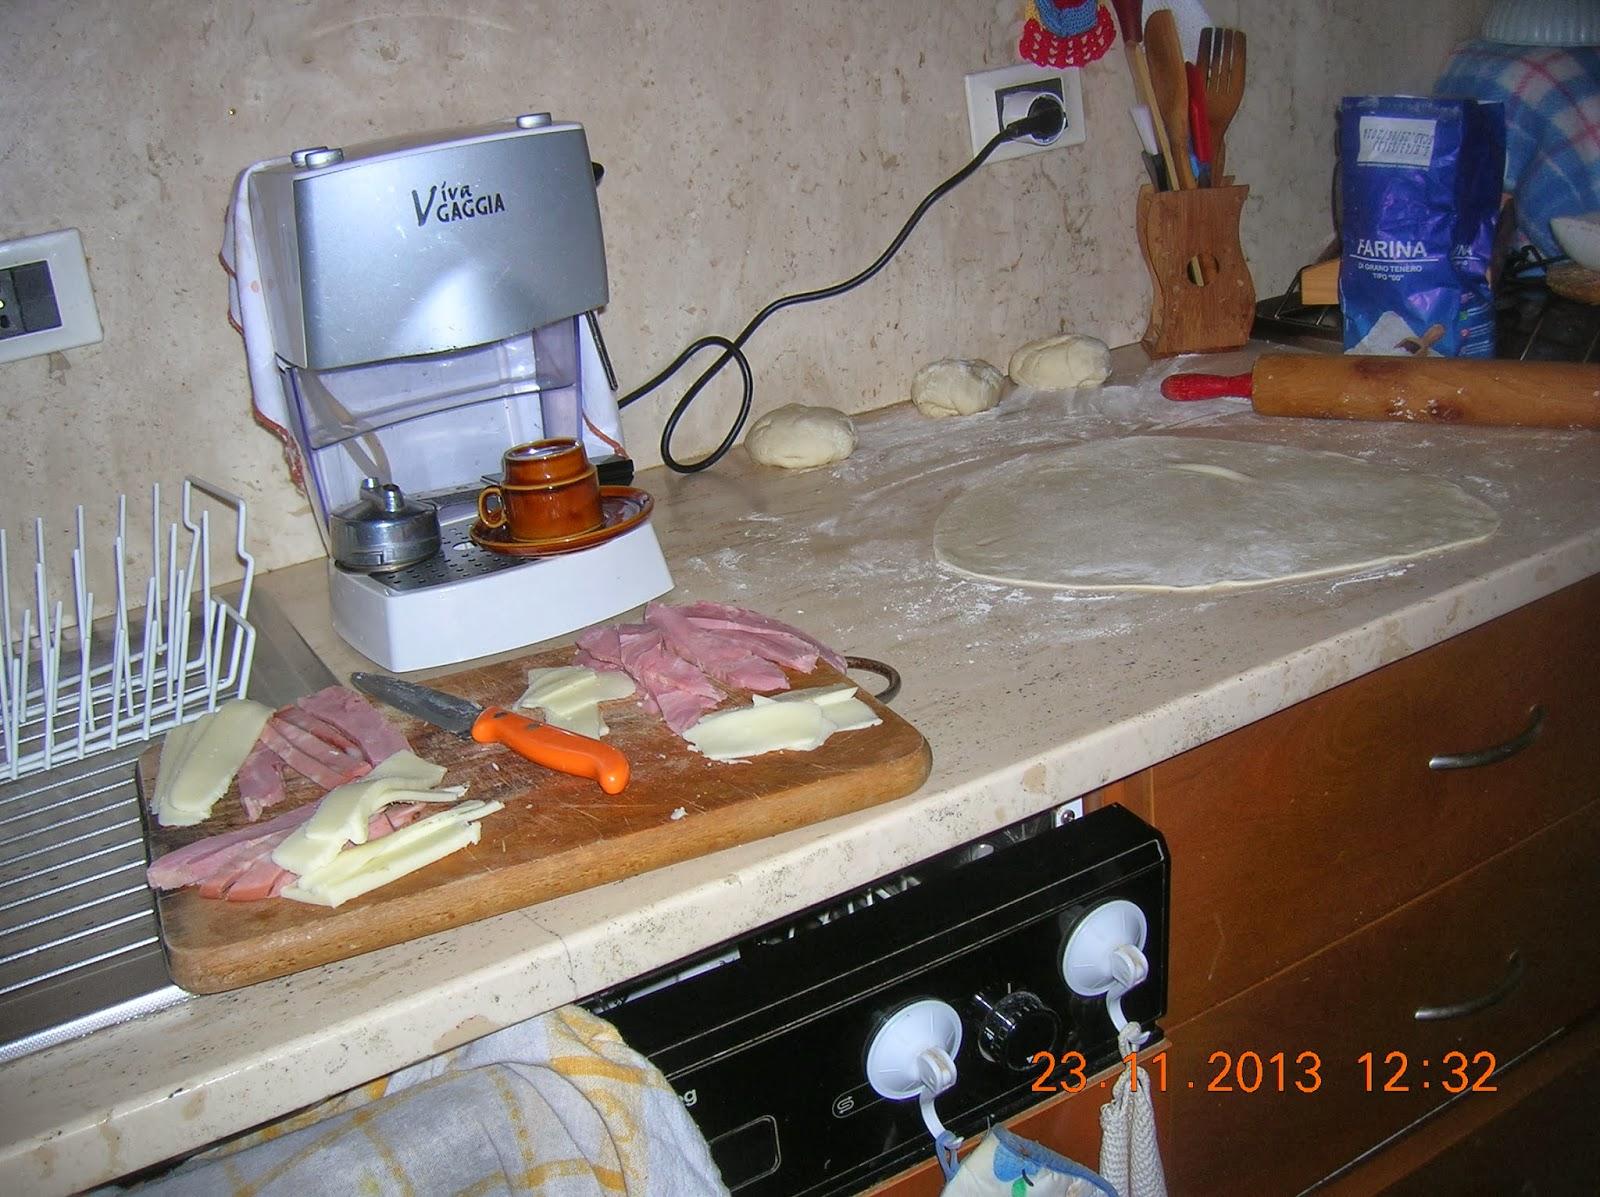 La cucina casalinga di marylen il mio ristorante virtuale per voi e consigli vari panzerotti - Cucina casalinga per cani dosi ...